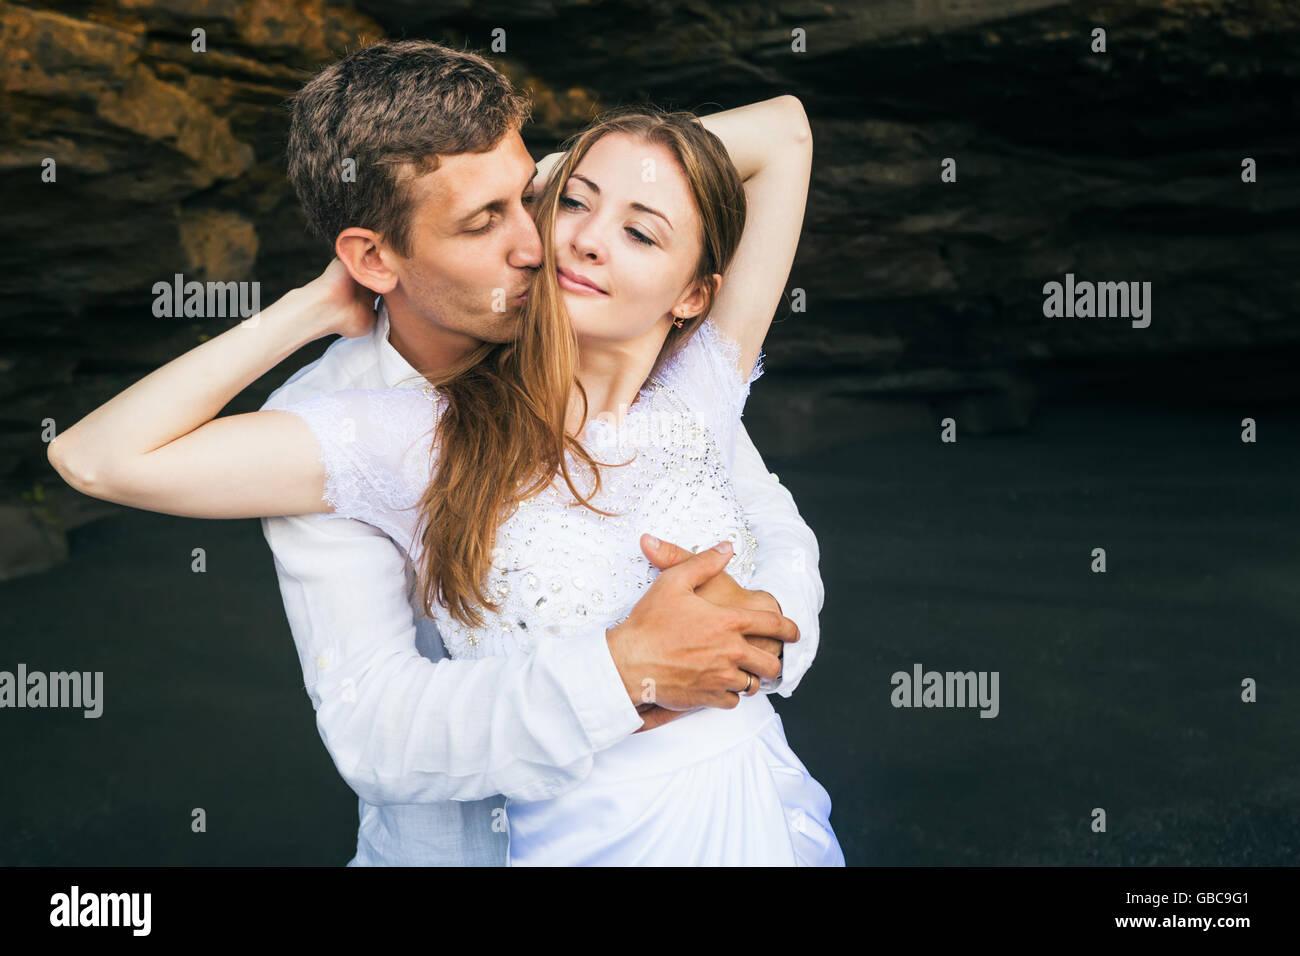 Familia feliz en nuestra luna de miel, vacaciones - recién casada joven y mujer abrazo con una sonrisa en la Imagen De Stock